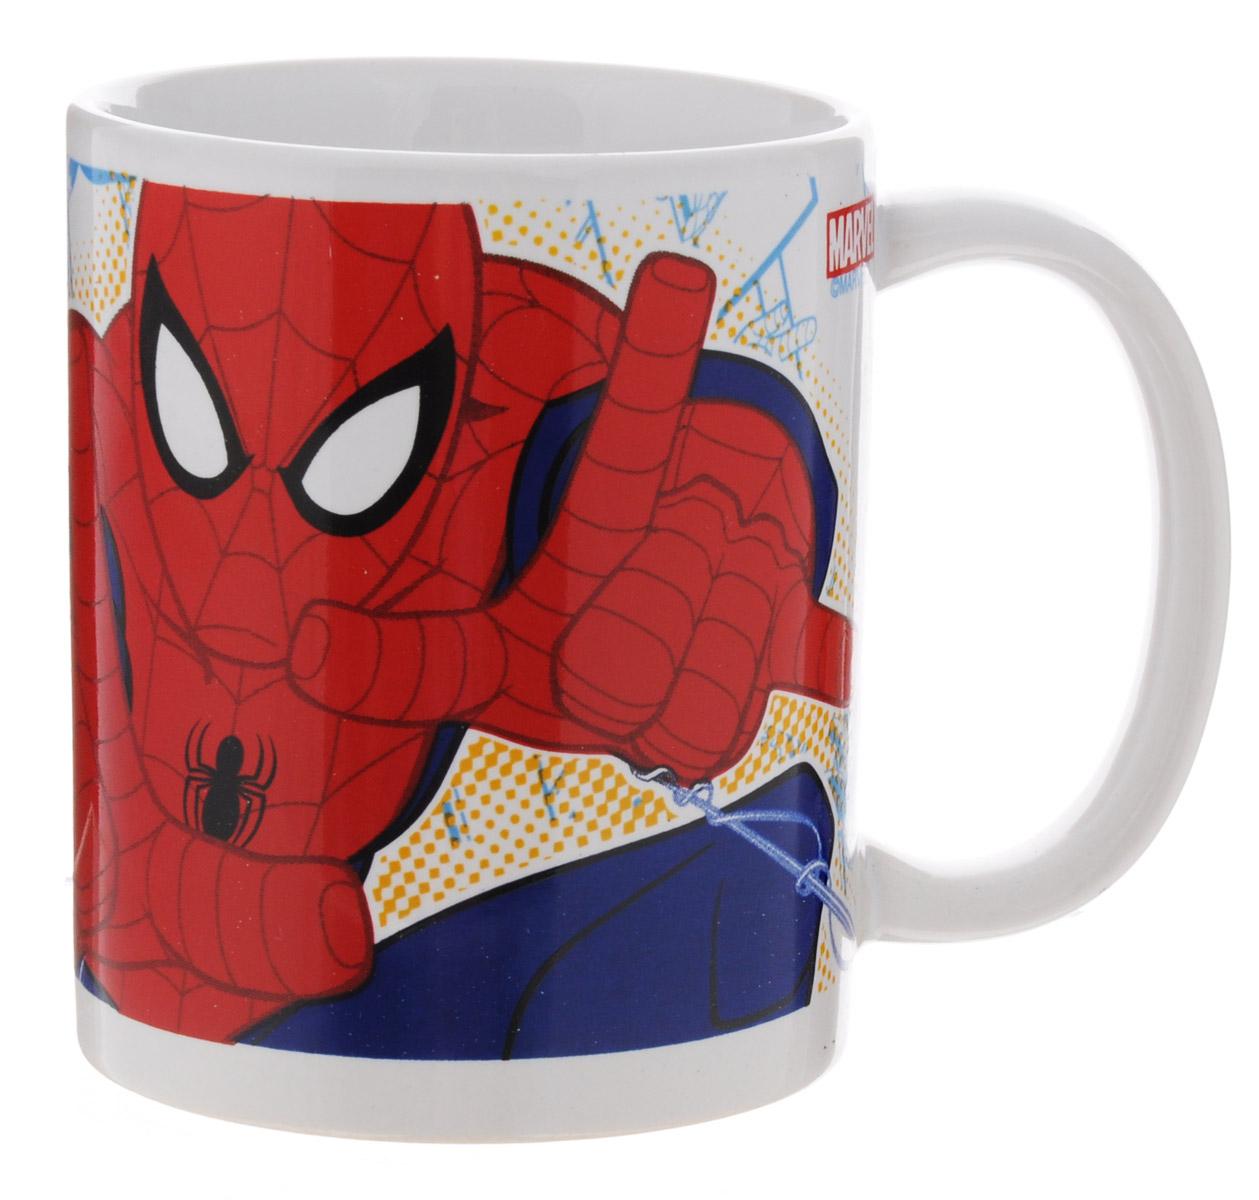 Disney Кружка детская Спайдермен 330 мл18140910Детская кружка Disney Спайдермен с любимым героем станет отличным подарком для вашего ребенка. Она выполнена из керамики и оформлена изображением Человека-паука.Кружка дополнена удобной ручкой. Такой подарок станет не только приятным, но и практичным сувениром: кружка будет незаменимым атрибутом чаепития, а оригинальное оформление кружки добавит ярких эмоций и хорошего настроения.Можно использовать в СВЧ-печи и посудомоечной машине.